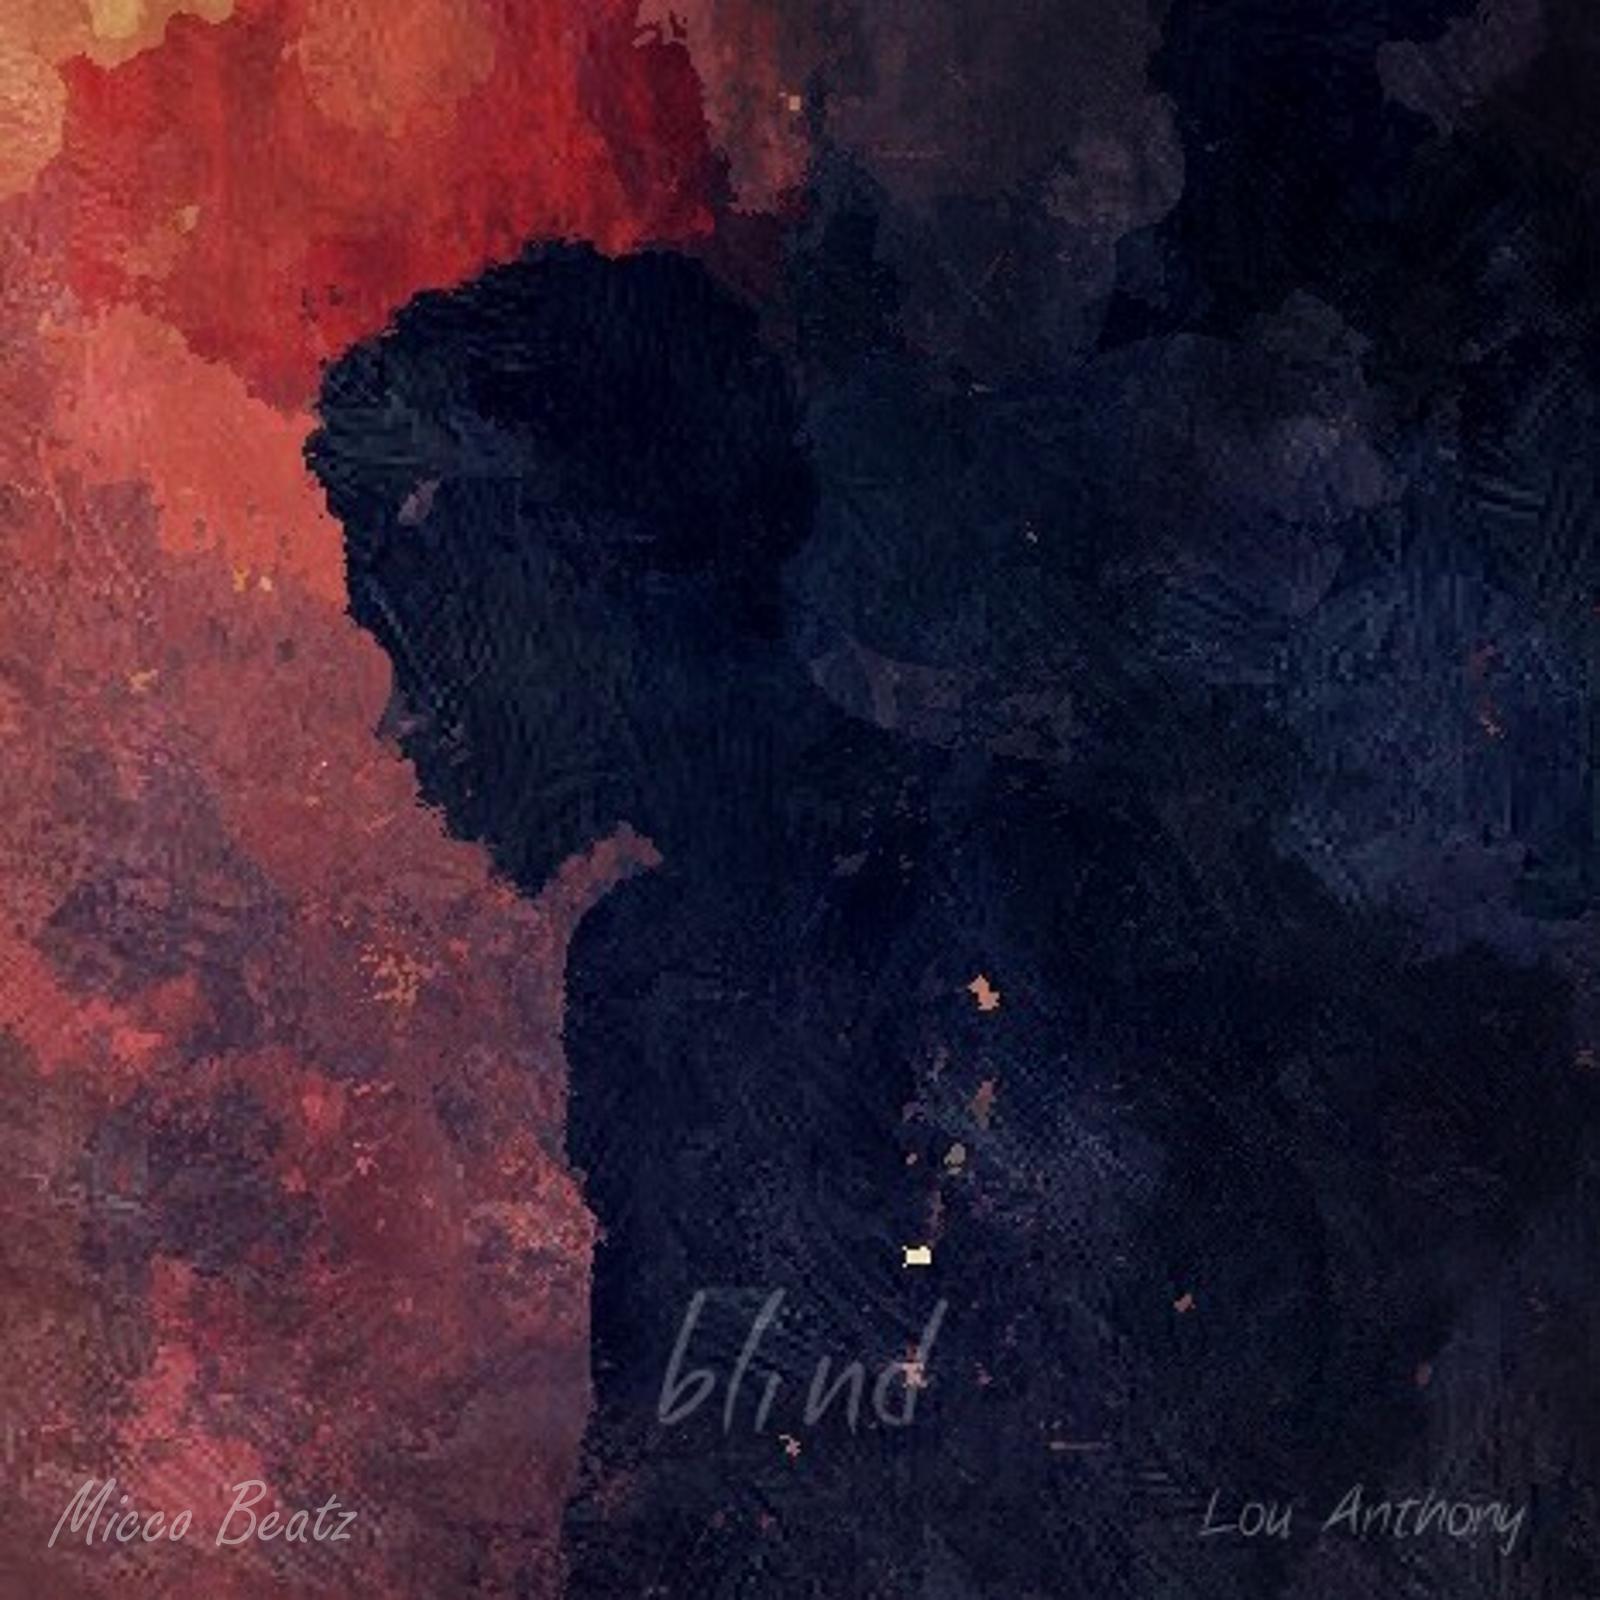 Blind - Lou Anthony